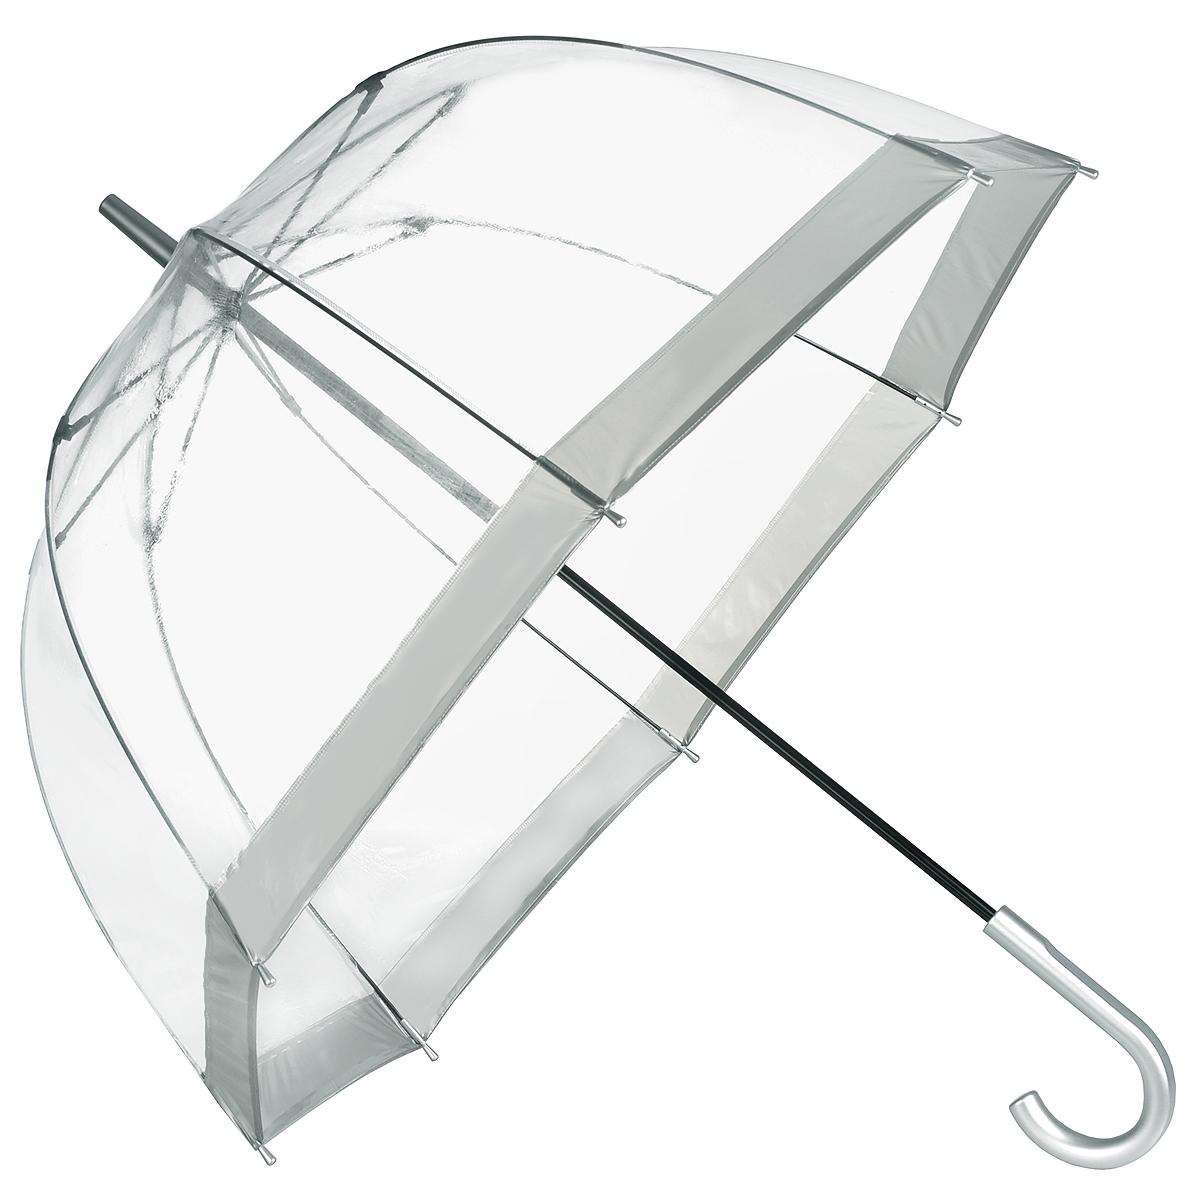 Зонт-трость женский Bird cage, механический, цвет: прозрачный, серебристый. L041 1F003L041 1F003Стильный куполообразный зонт-трость Bird cage, защищающий голову и плечи, даже в ненастную погоду позволит вам оставаться элегантной. Каркас зонта выполнен из 8 спиц из фибергласса, стержень изготовлен из стали. Купол зонта выполнен из прозрачного ПВХ с серебристыми вставками по краям. Рукоятка закругленной формы, выполненная из пластик серебристого цвета, разработана с учетом требований эргономики. Зонт имеет механический тип сложения: купол открывается и закрывается вручную до характерного щелчка. Такой зонт не только надежно защитит вас от дождя, но и станет стильным аксессуаром.